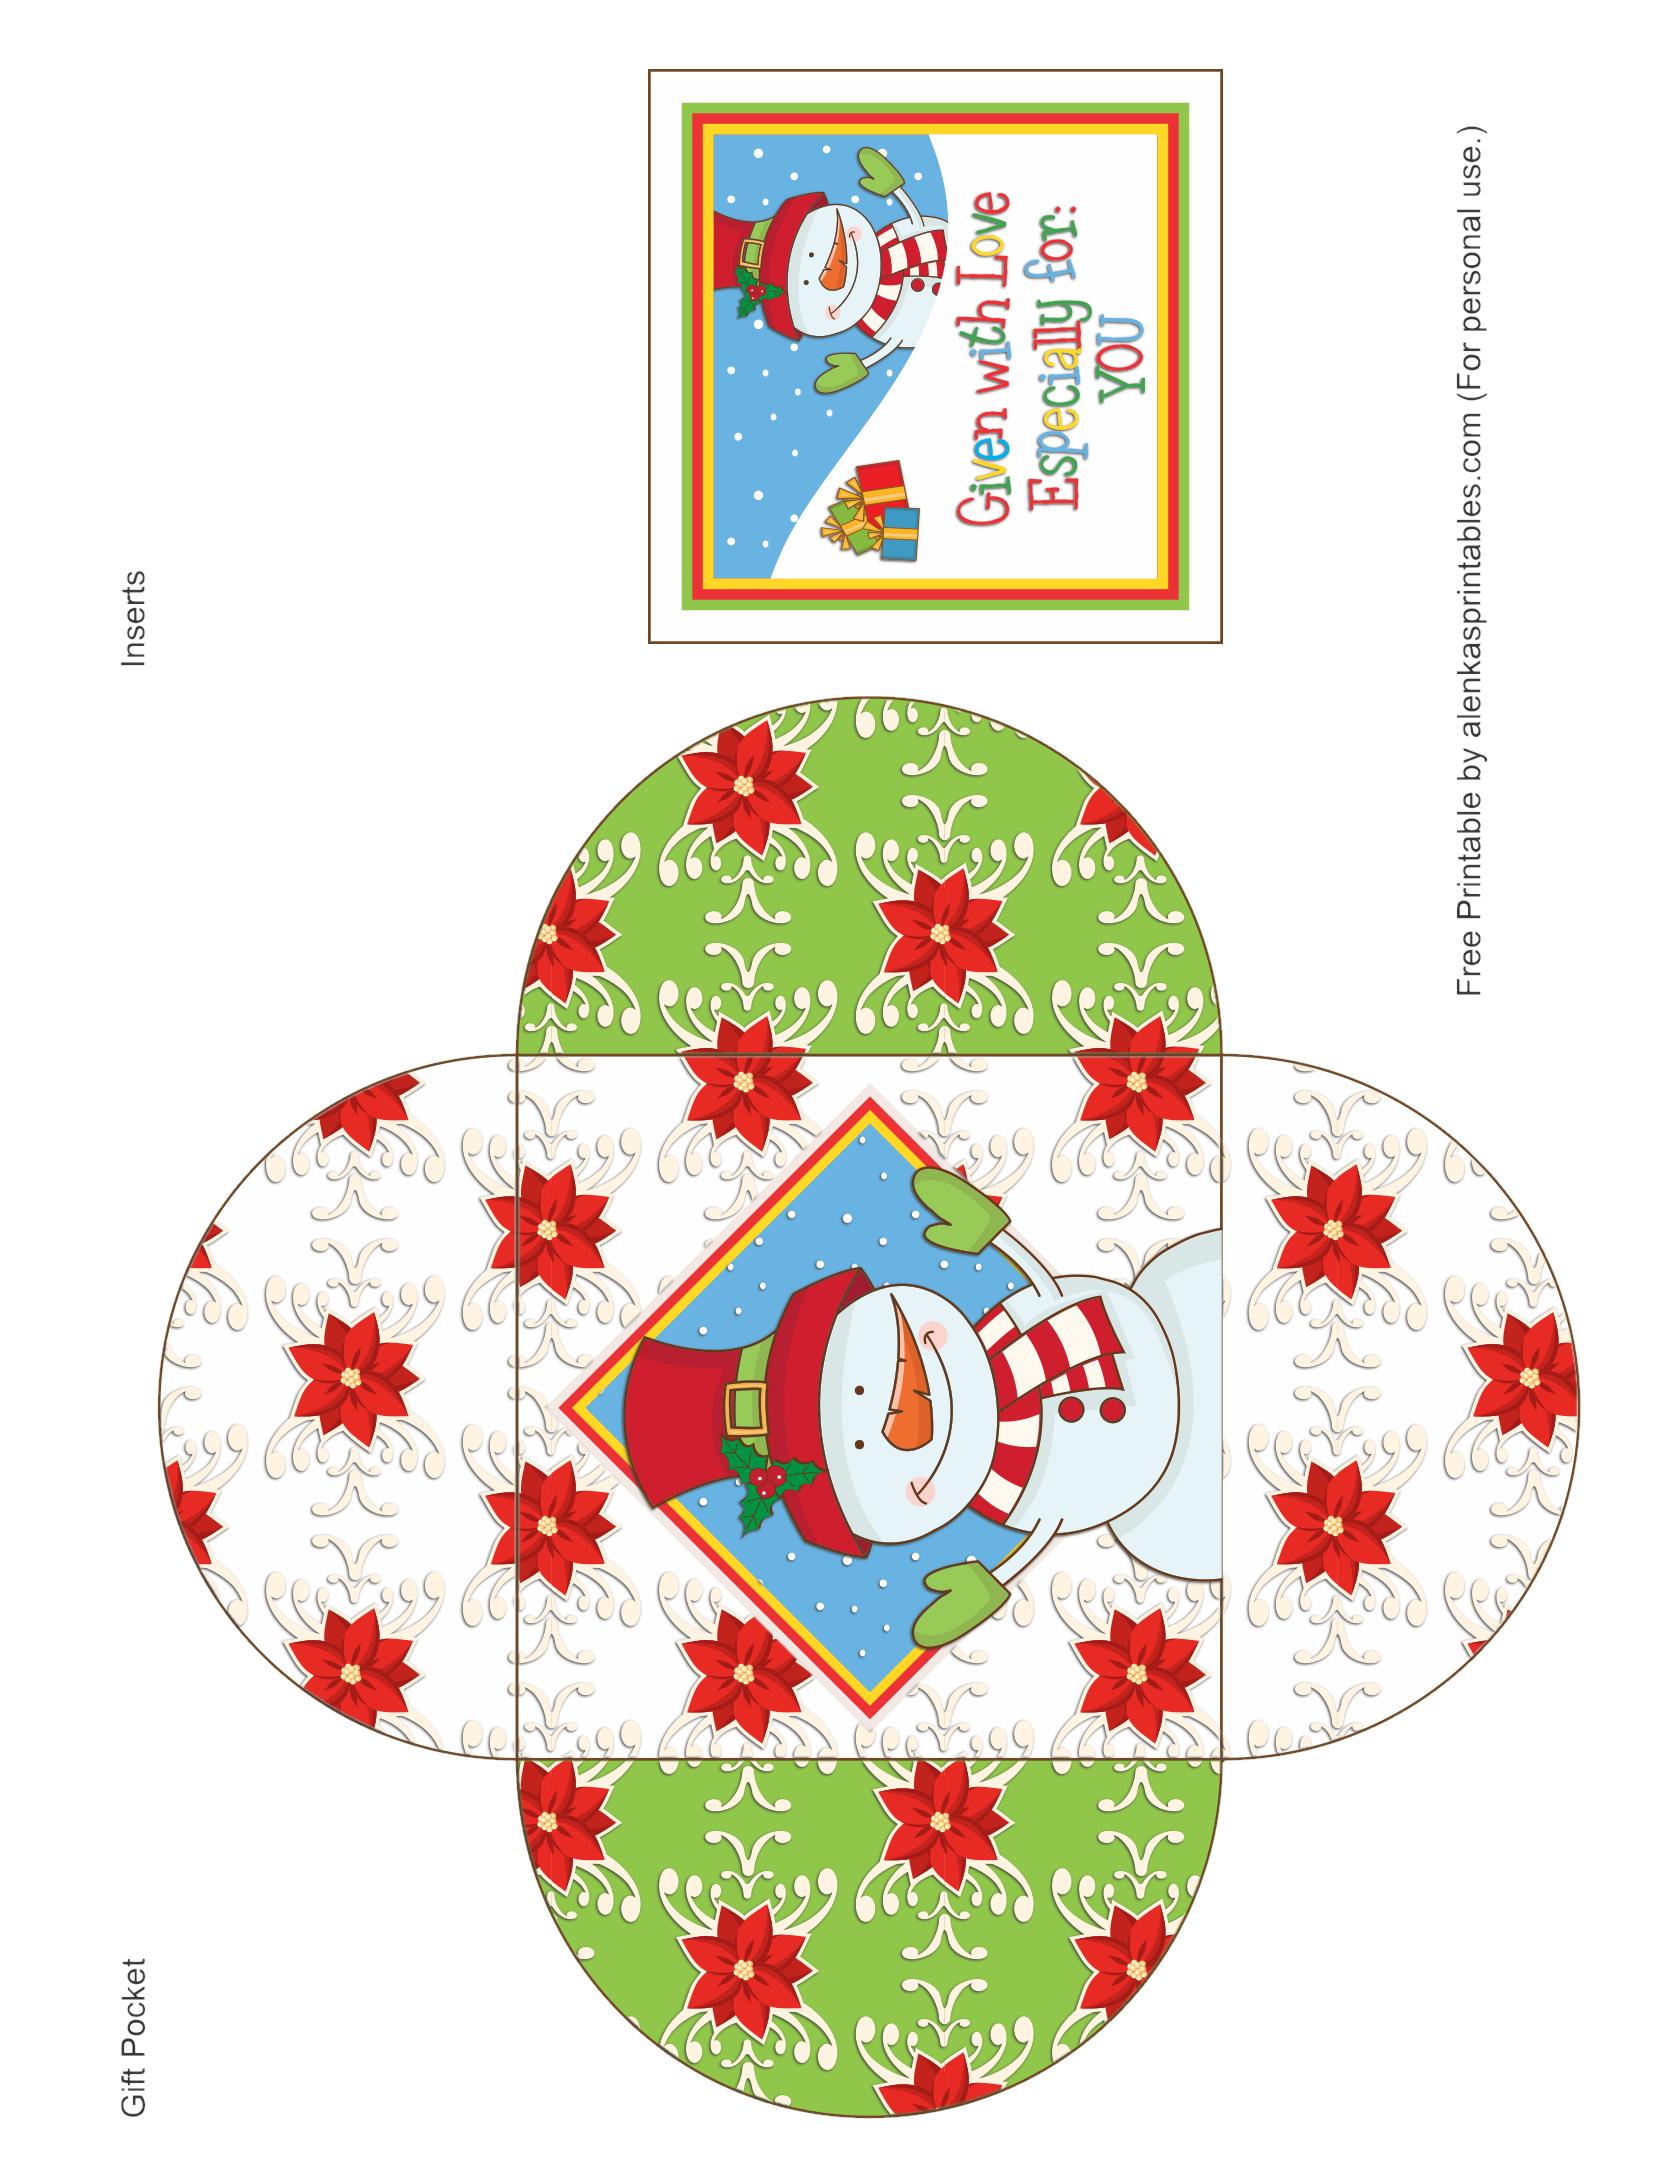 25 Days Of Christmas By Alenka S Printalbes 25 Days Of Christmas Paper Box Template Christmas Printables